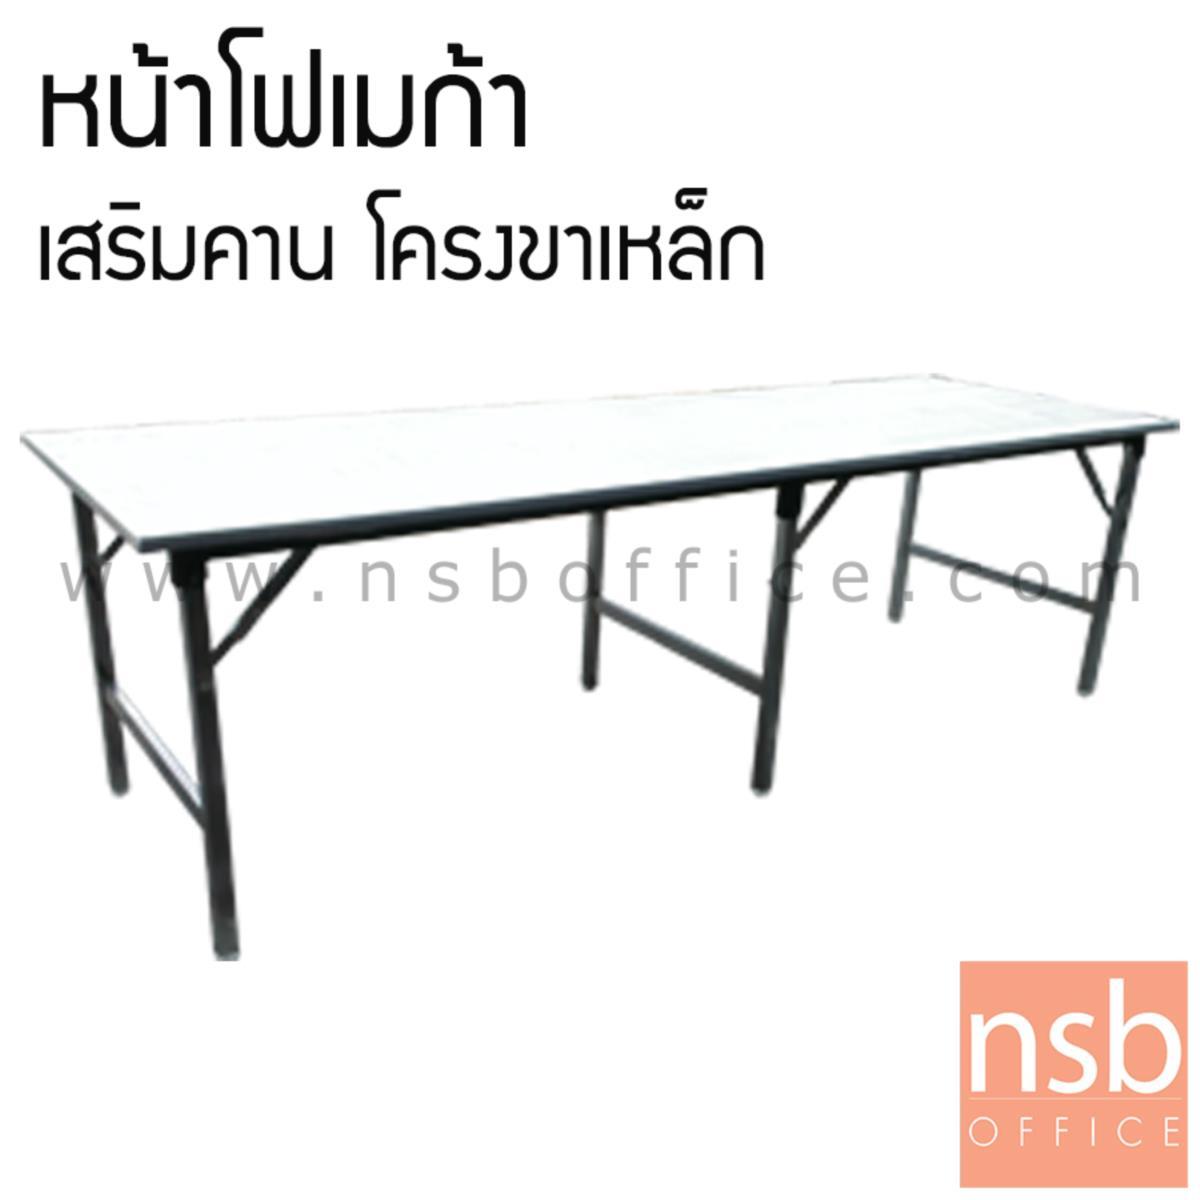 A07A034:โต๊ะพับหน้าโฟเมก้าขาวเงา 20 มม.  ขนาด 200W ,240W cm. เสริมคาน โครงขาเหล็ก